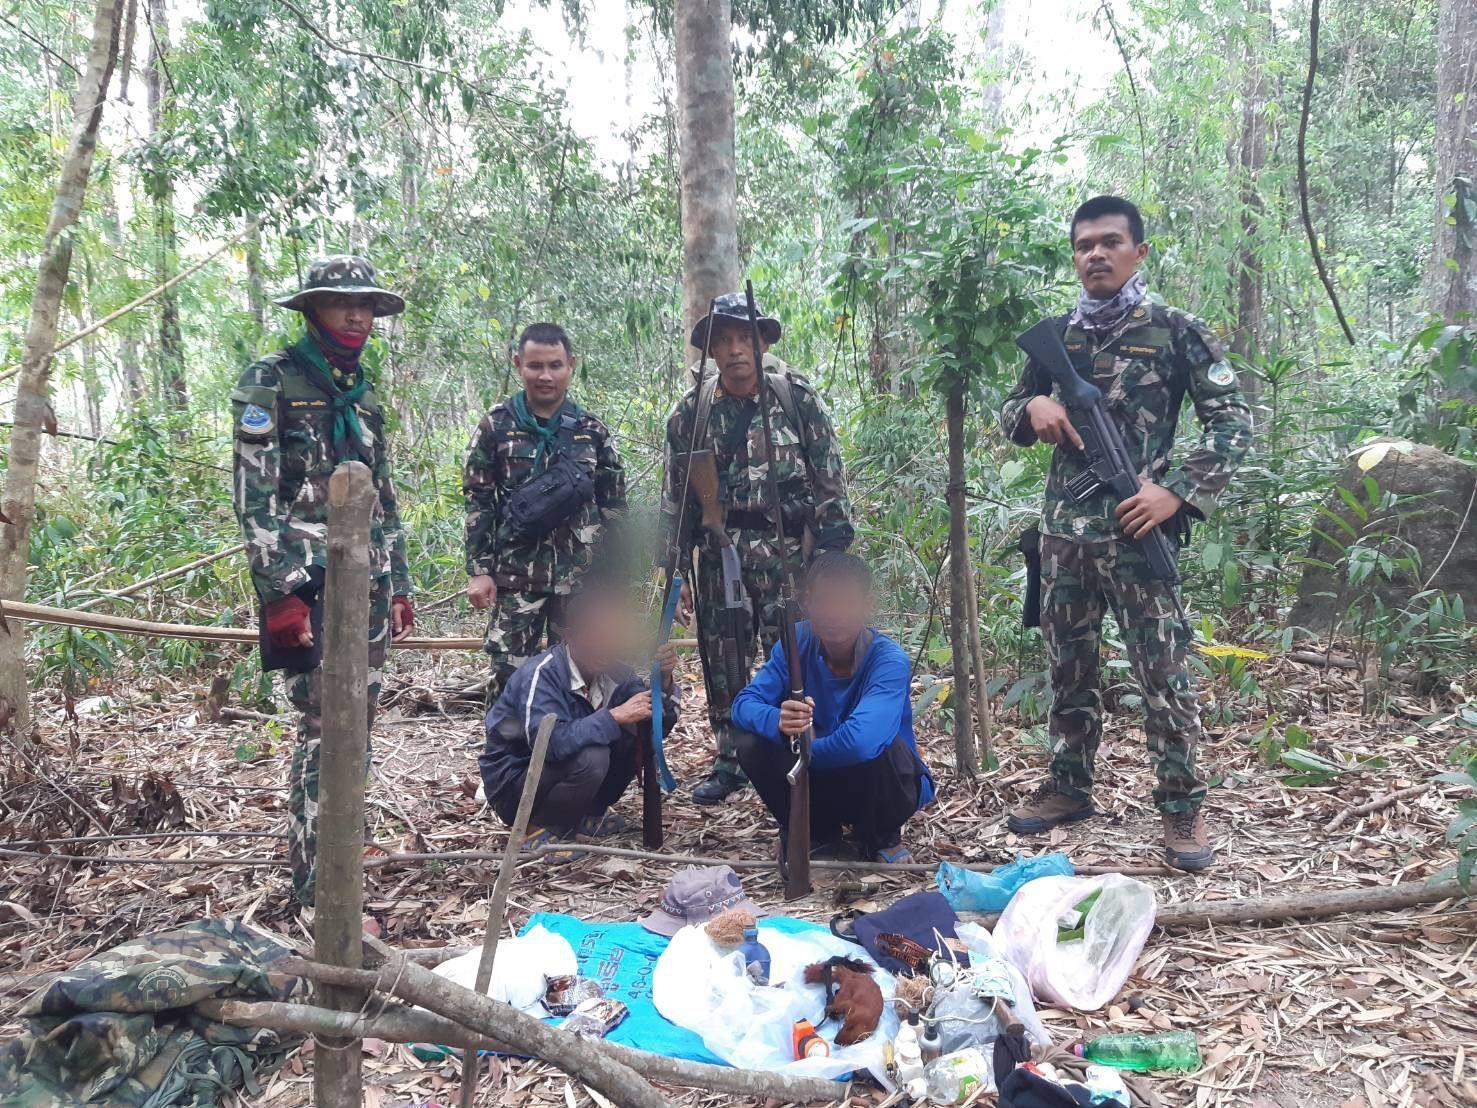 อุทยานแห่งชาติภูจองฯ จับพรานป่าพร้อมซากสัตว์และอาวุธปืน